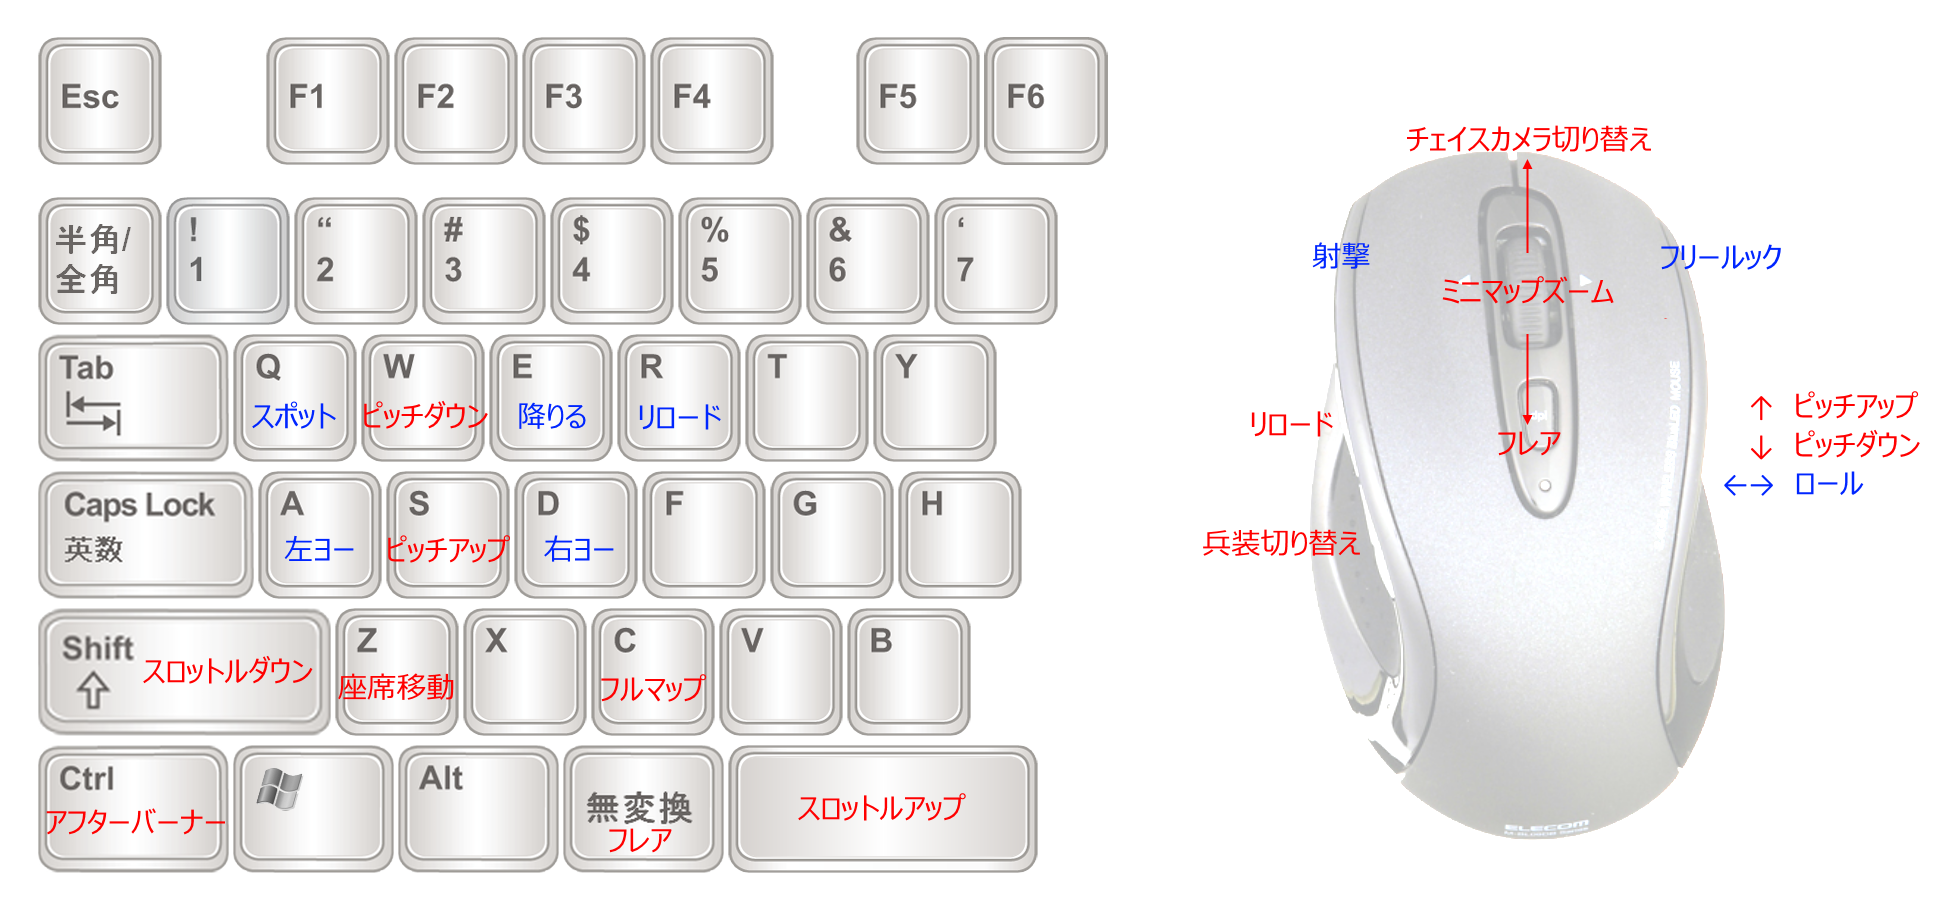 PC版BF4 キーバインドの一例 : わ ...